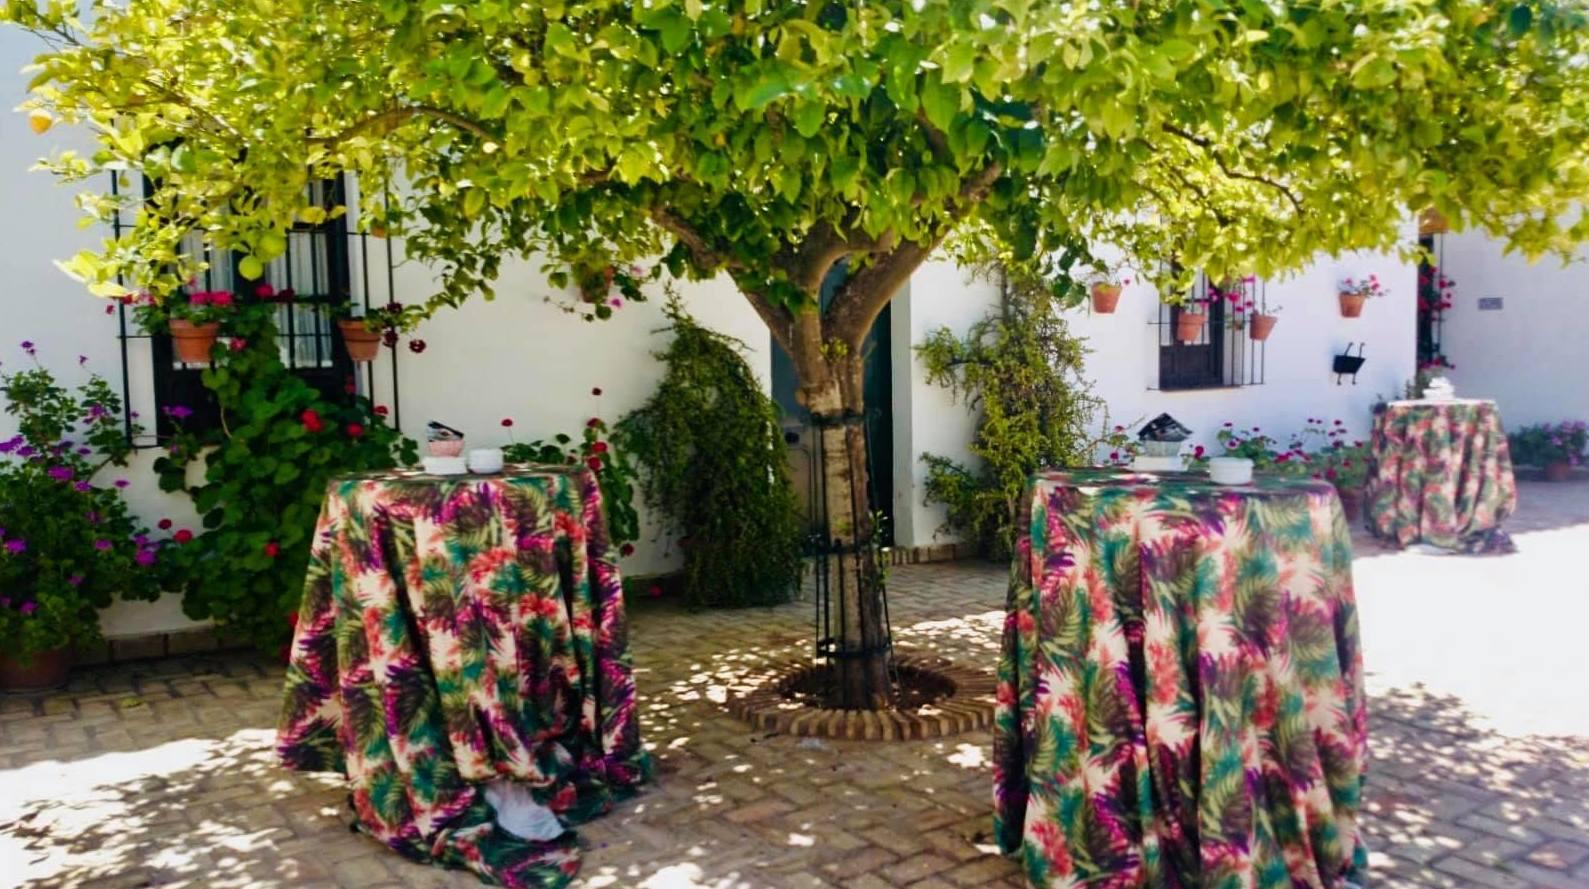 Foto 26 de Celebración de bodas en Alcalá de Guadaíra | Hacienda Mendieta